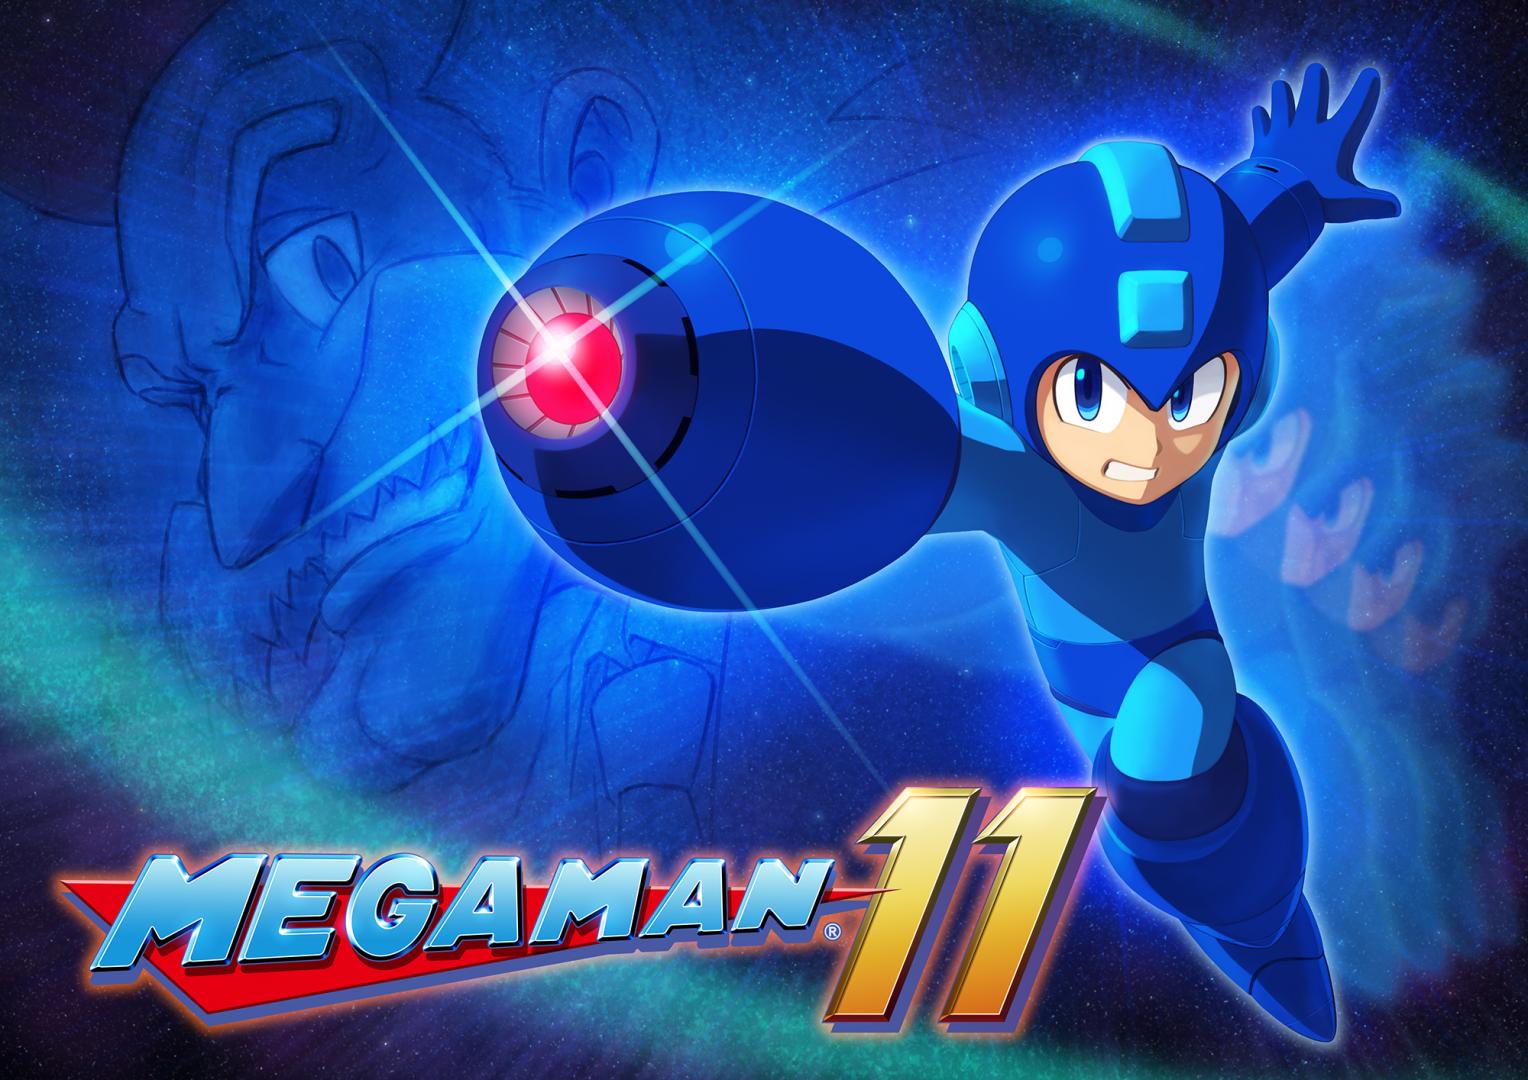 Capcom Finally Announced A Brand New Mega Man Game!!!